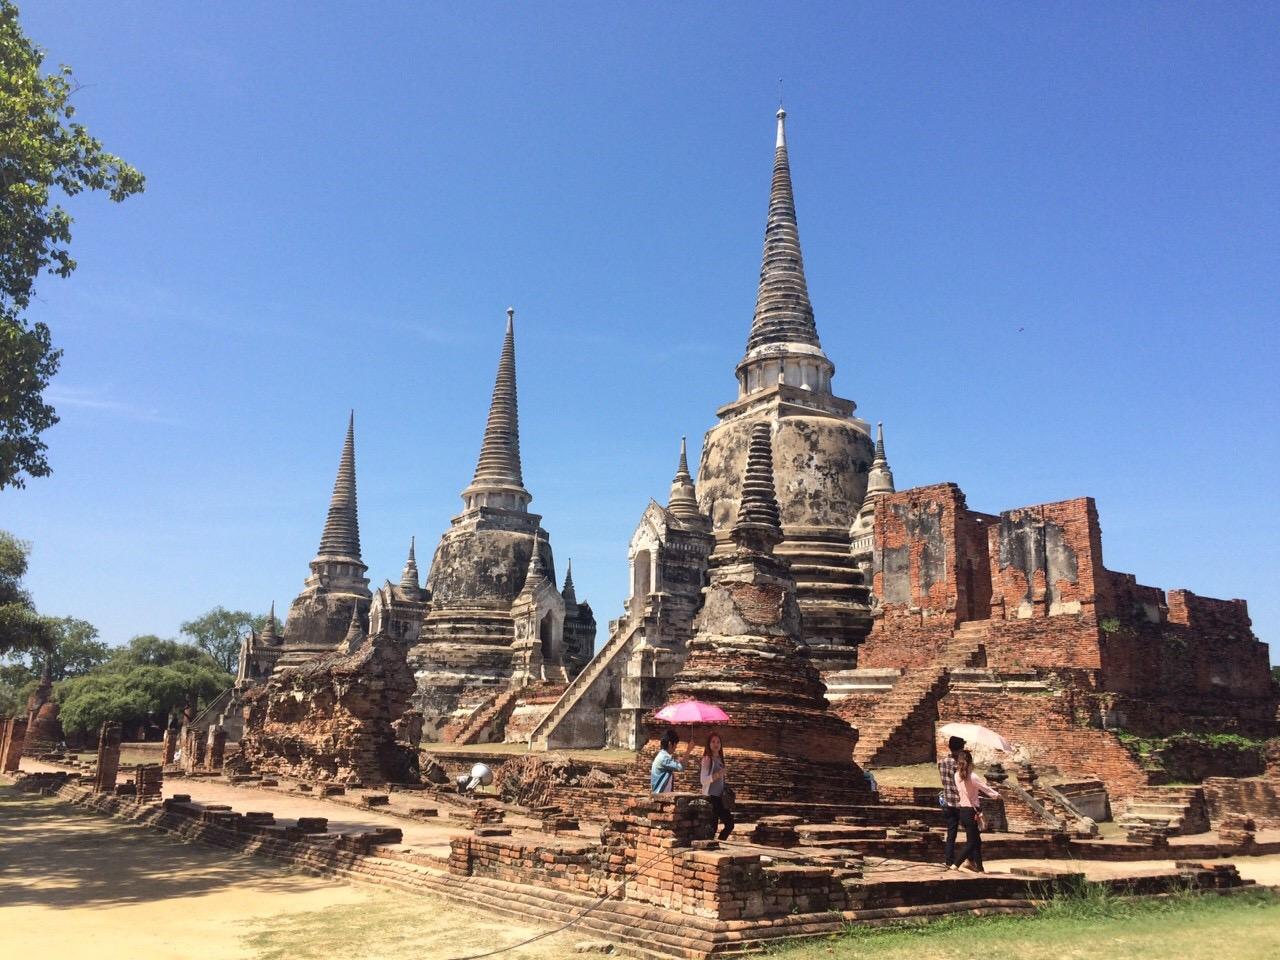 タイ 古都アユタヤで たくさんの歴史的な遺跡と王宮を見てき